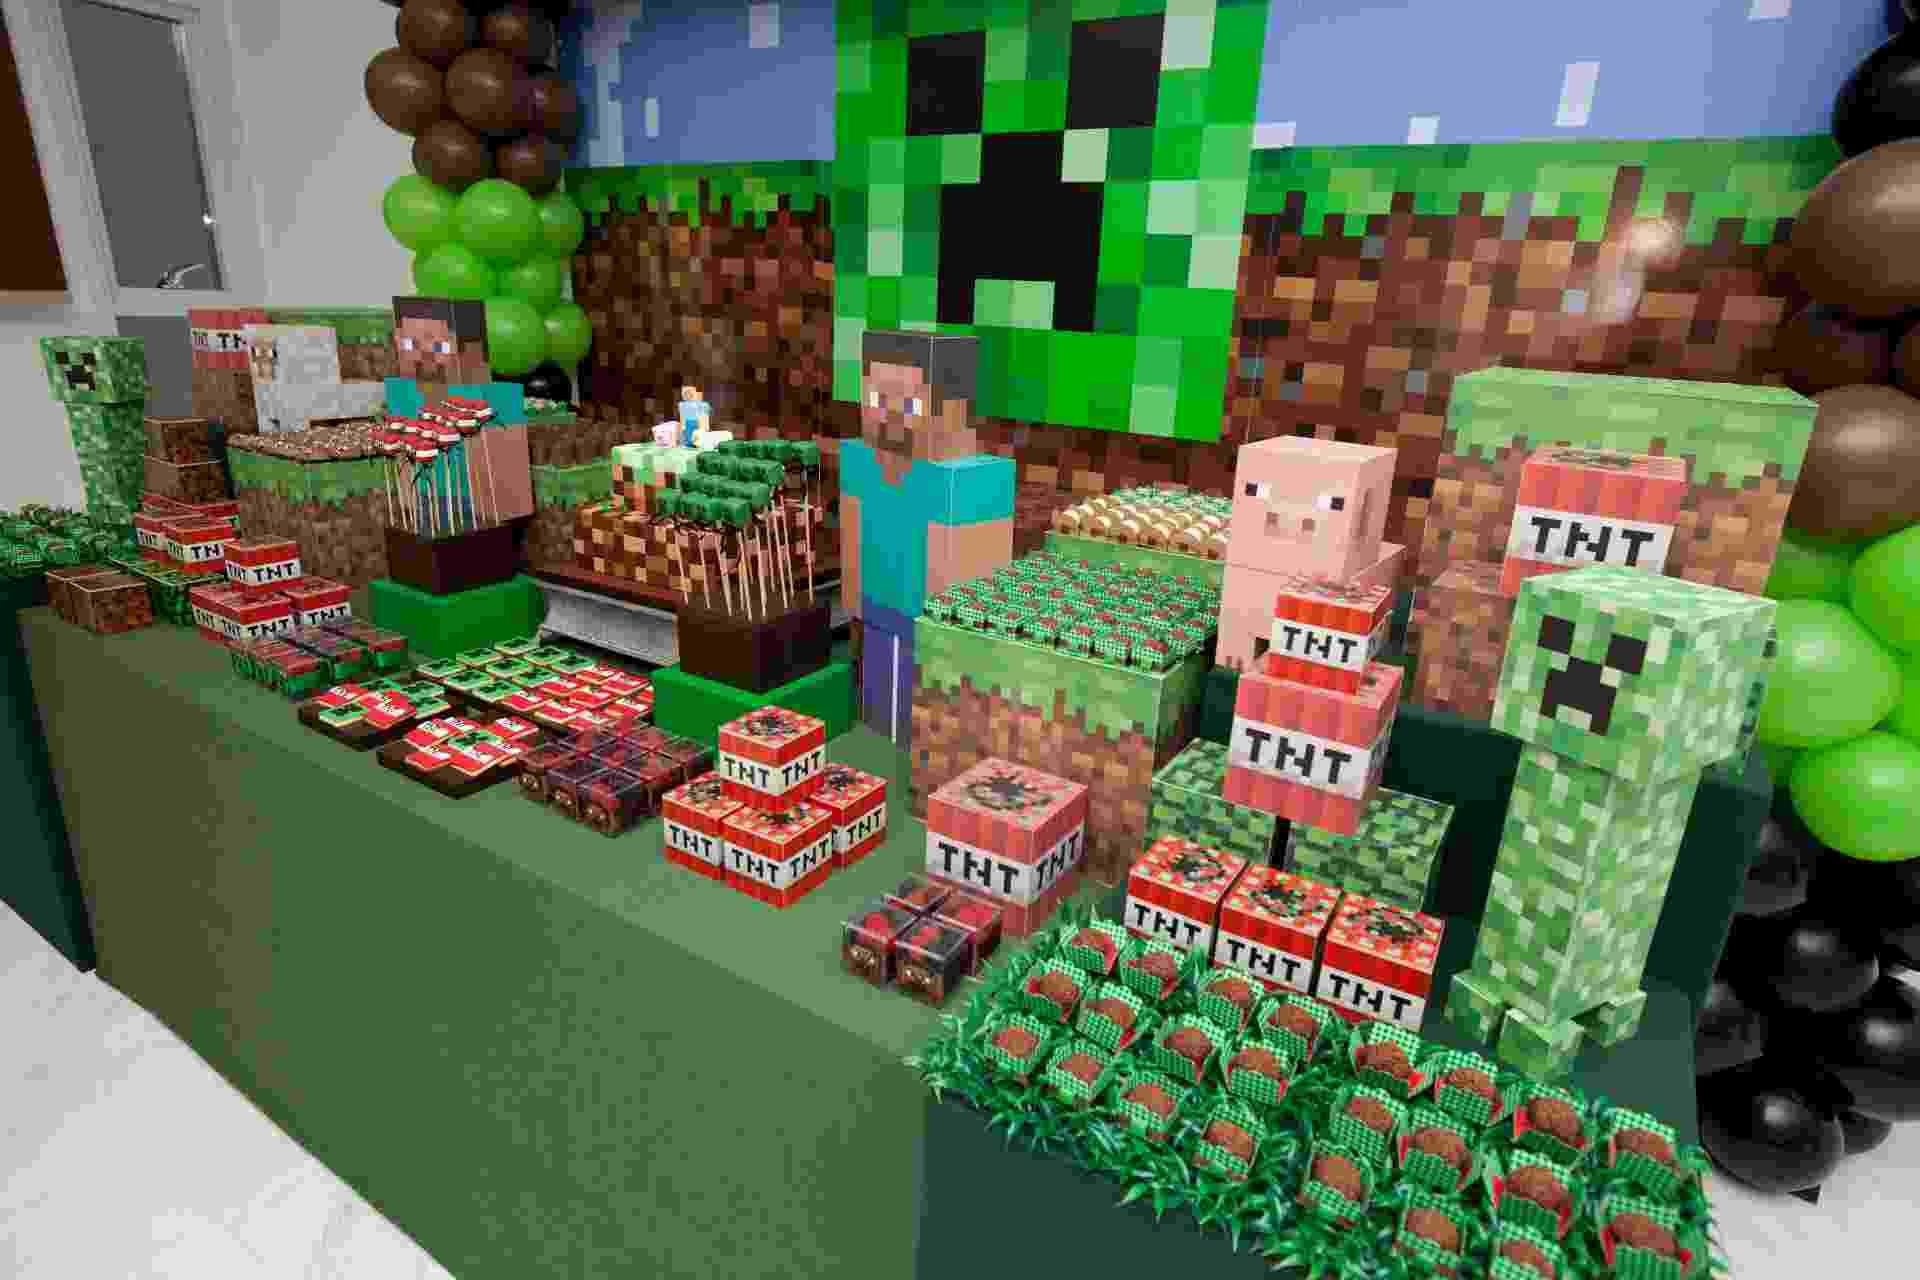 O game Minecraft, que pode ser jogado em computadores, tablets e videogames, é uma febre entre as crianças e começa a ser pedido como tema de aniversários. Nele, a criança constrói mundos, com infinitas possibilidades de combinação de materiais, e lida com seus habitantes. Nessa festa, a decoradora Juliana Fête, da Fête (http://www.fete.net.br/), apostou na reprodução do personagem Creepy com céu no topo e nuvens em formato retangular para a decoração da mesa principal - Divulgação